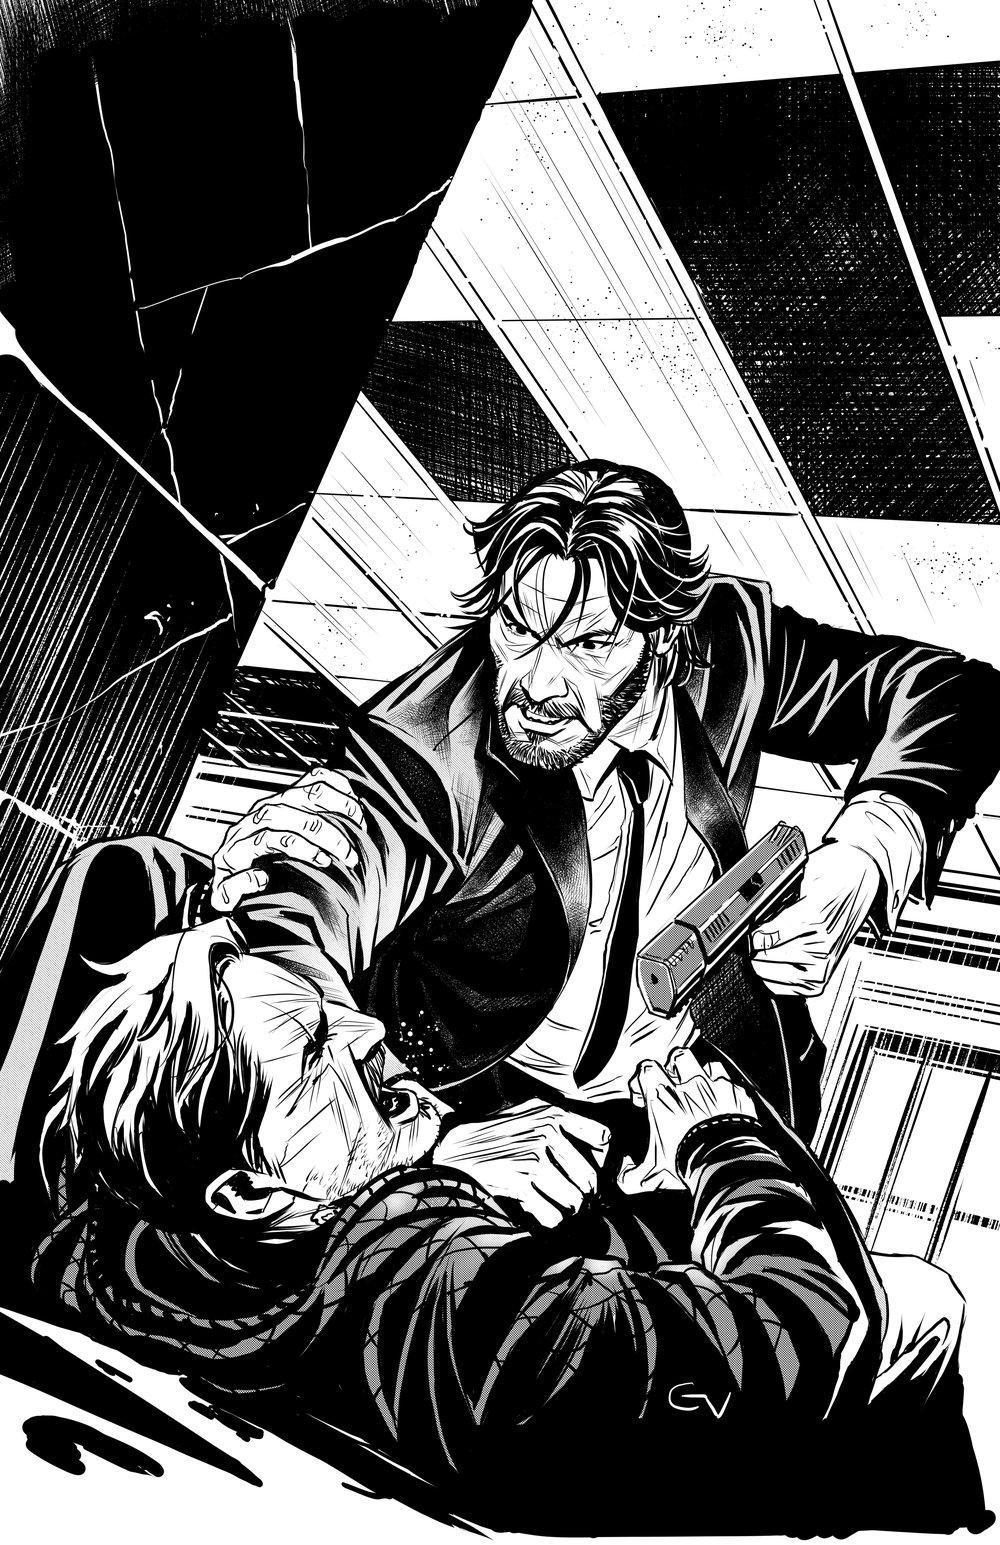 John Wick cover 2.jpg